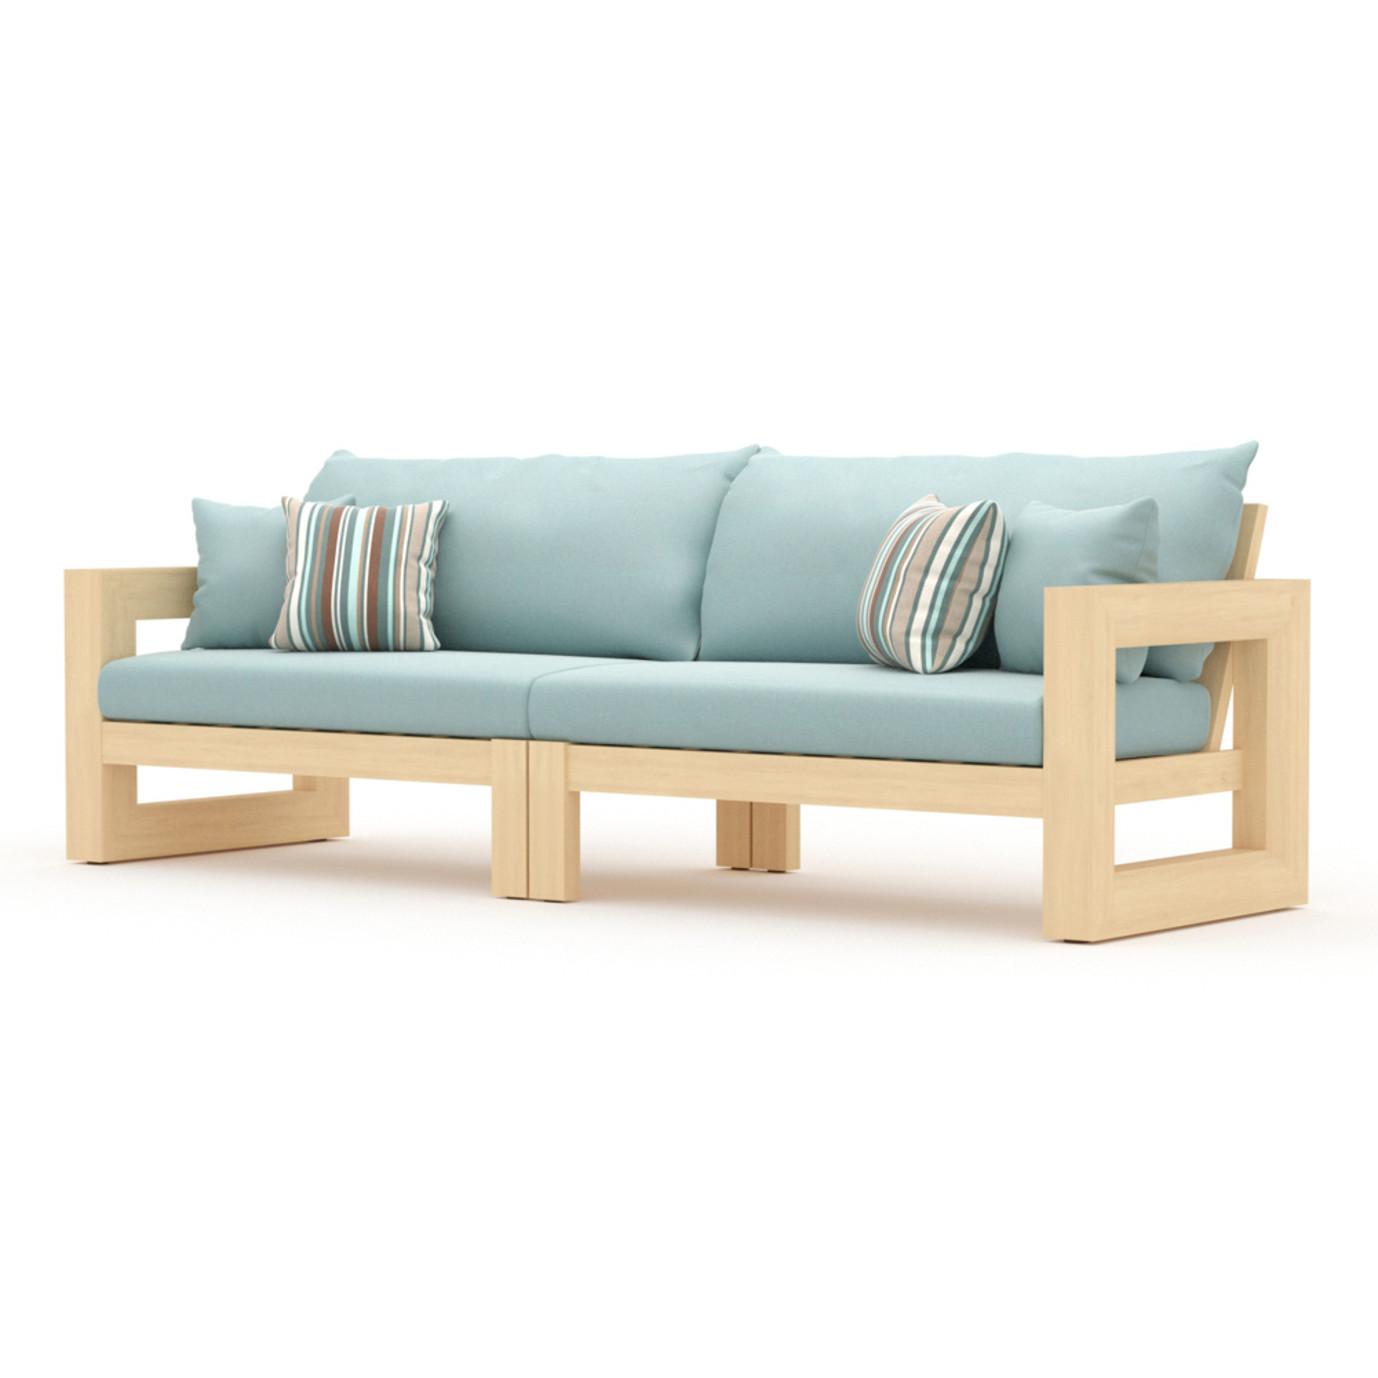 Benson 96in Sofa - Bliss Blue